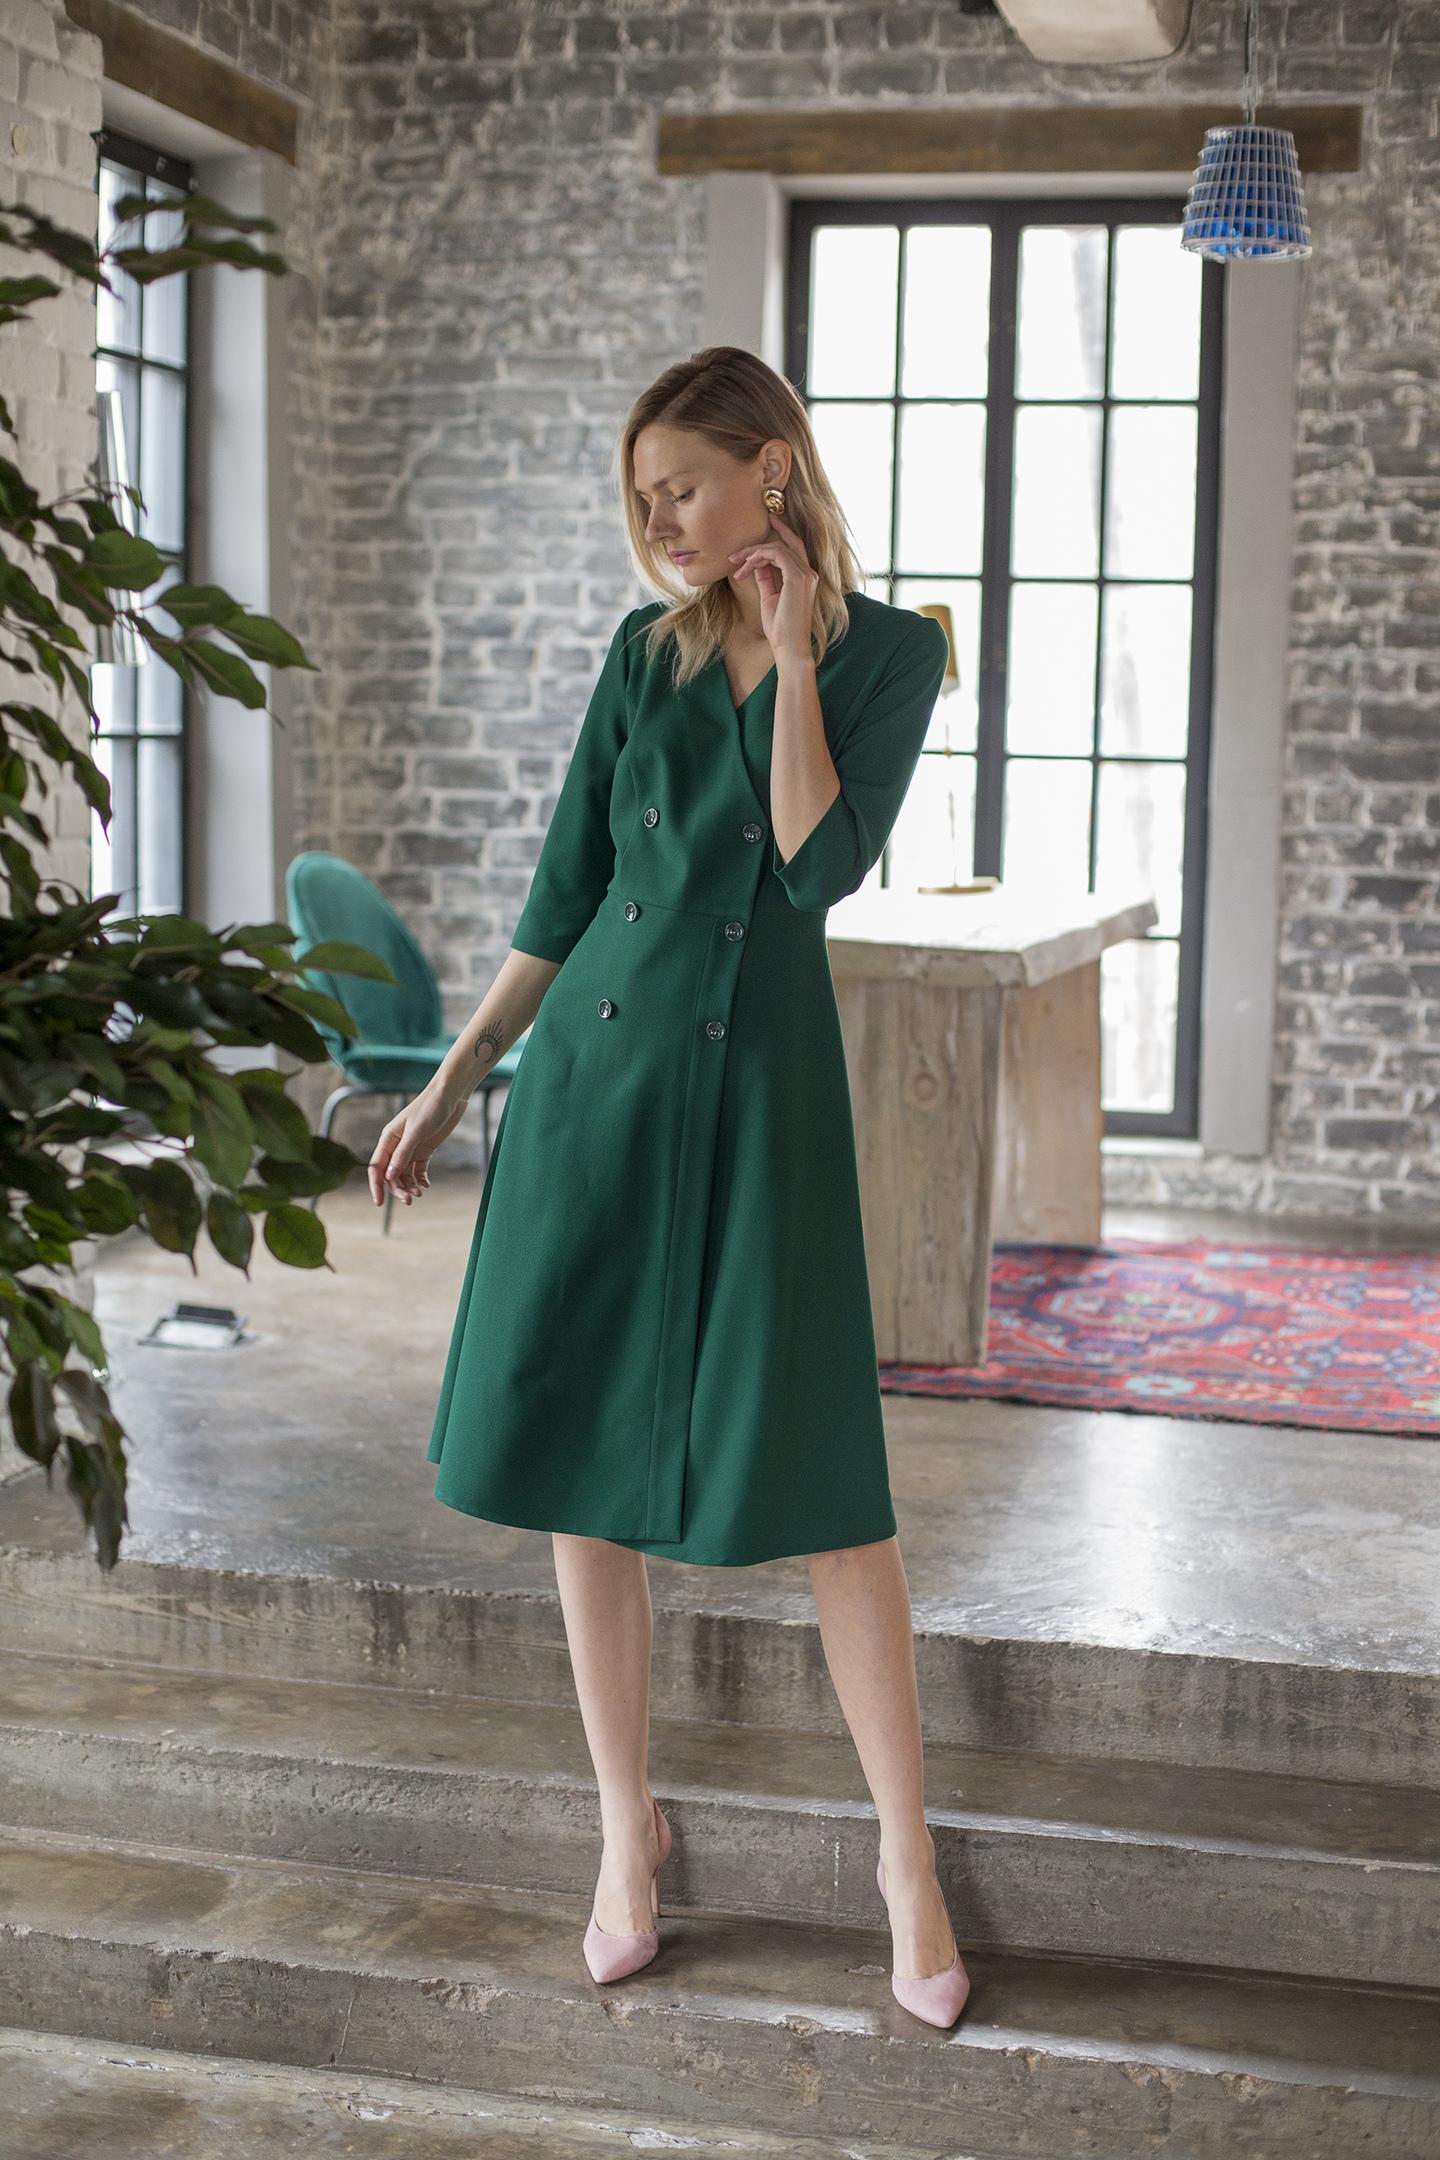 деловое платье, платье для офиса, купить платье в спб, российские дизайнеры